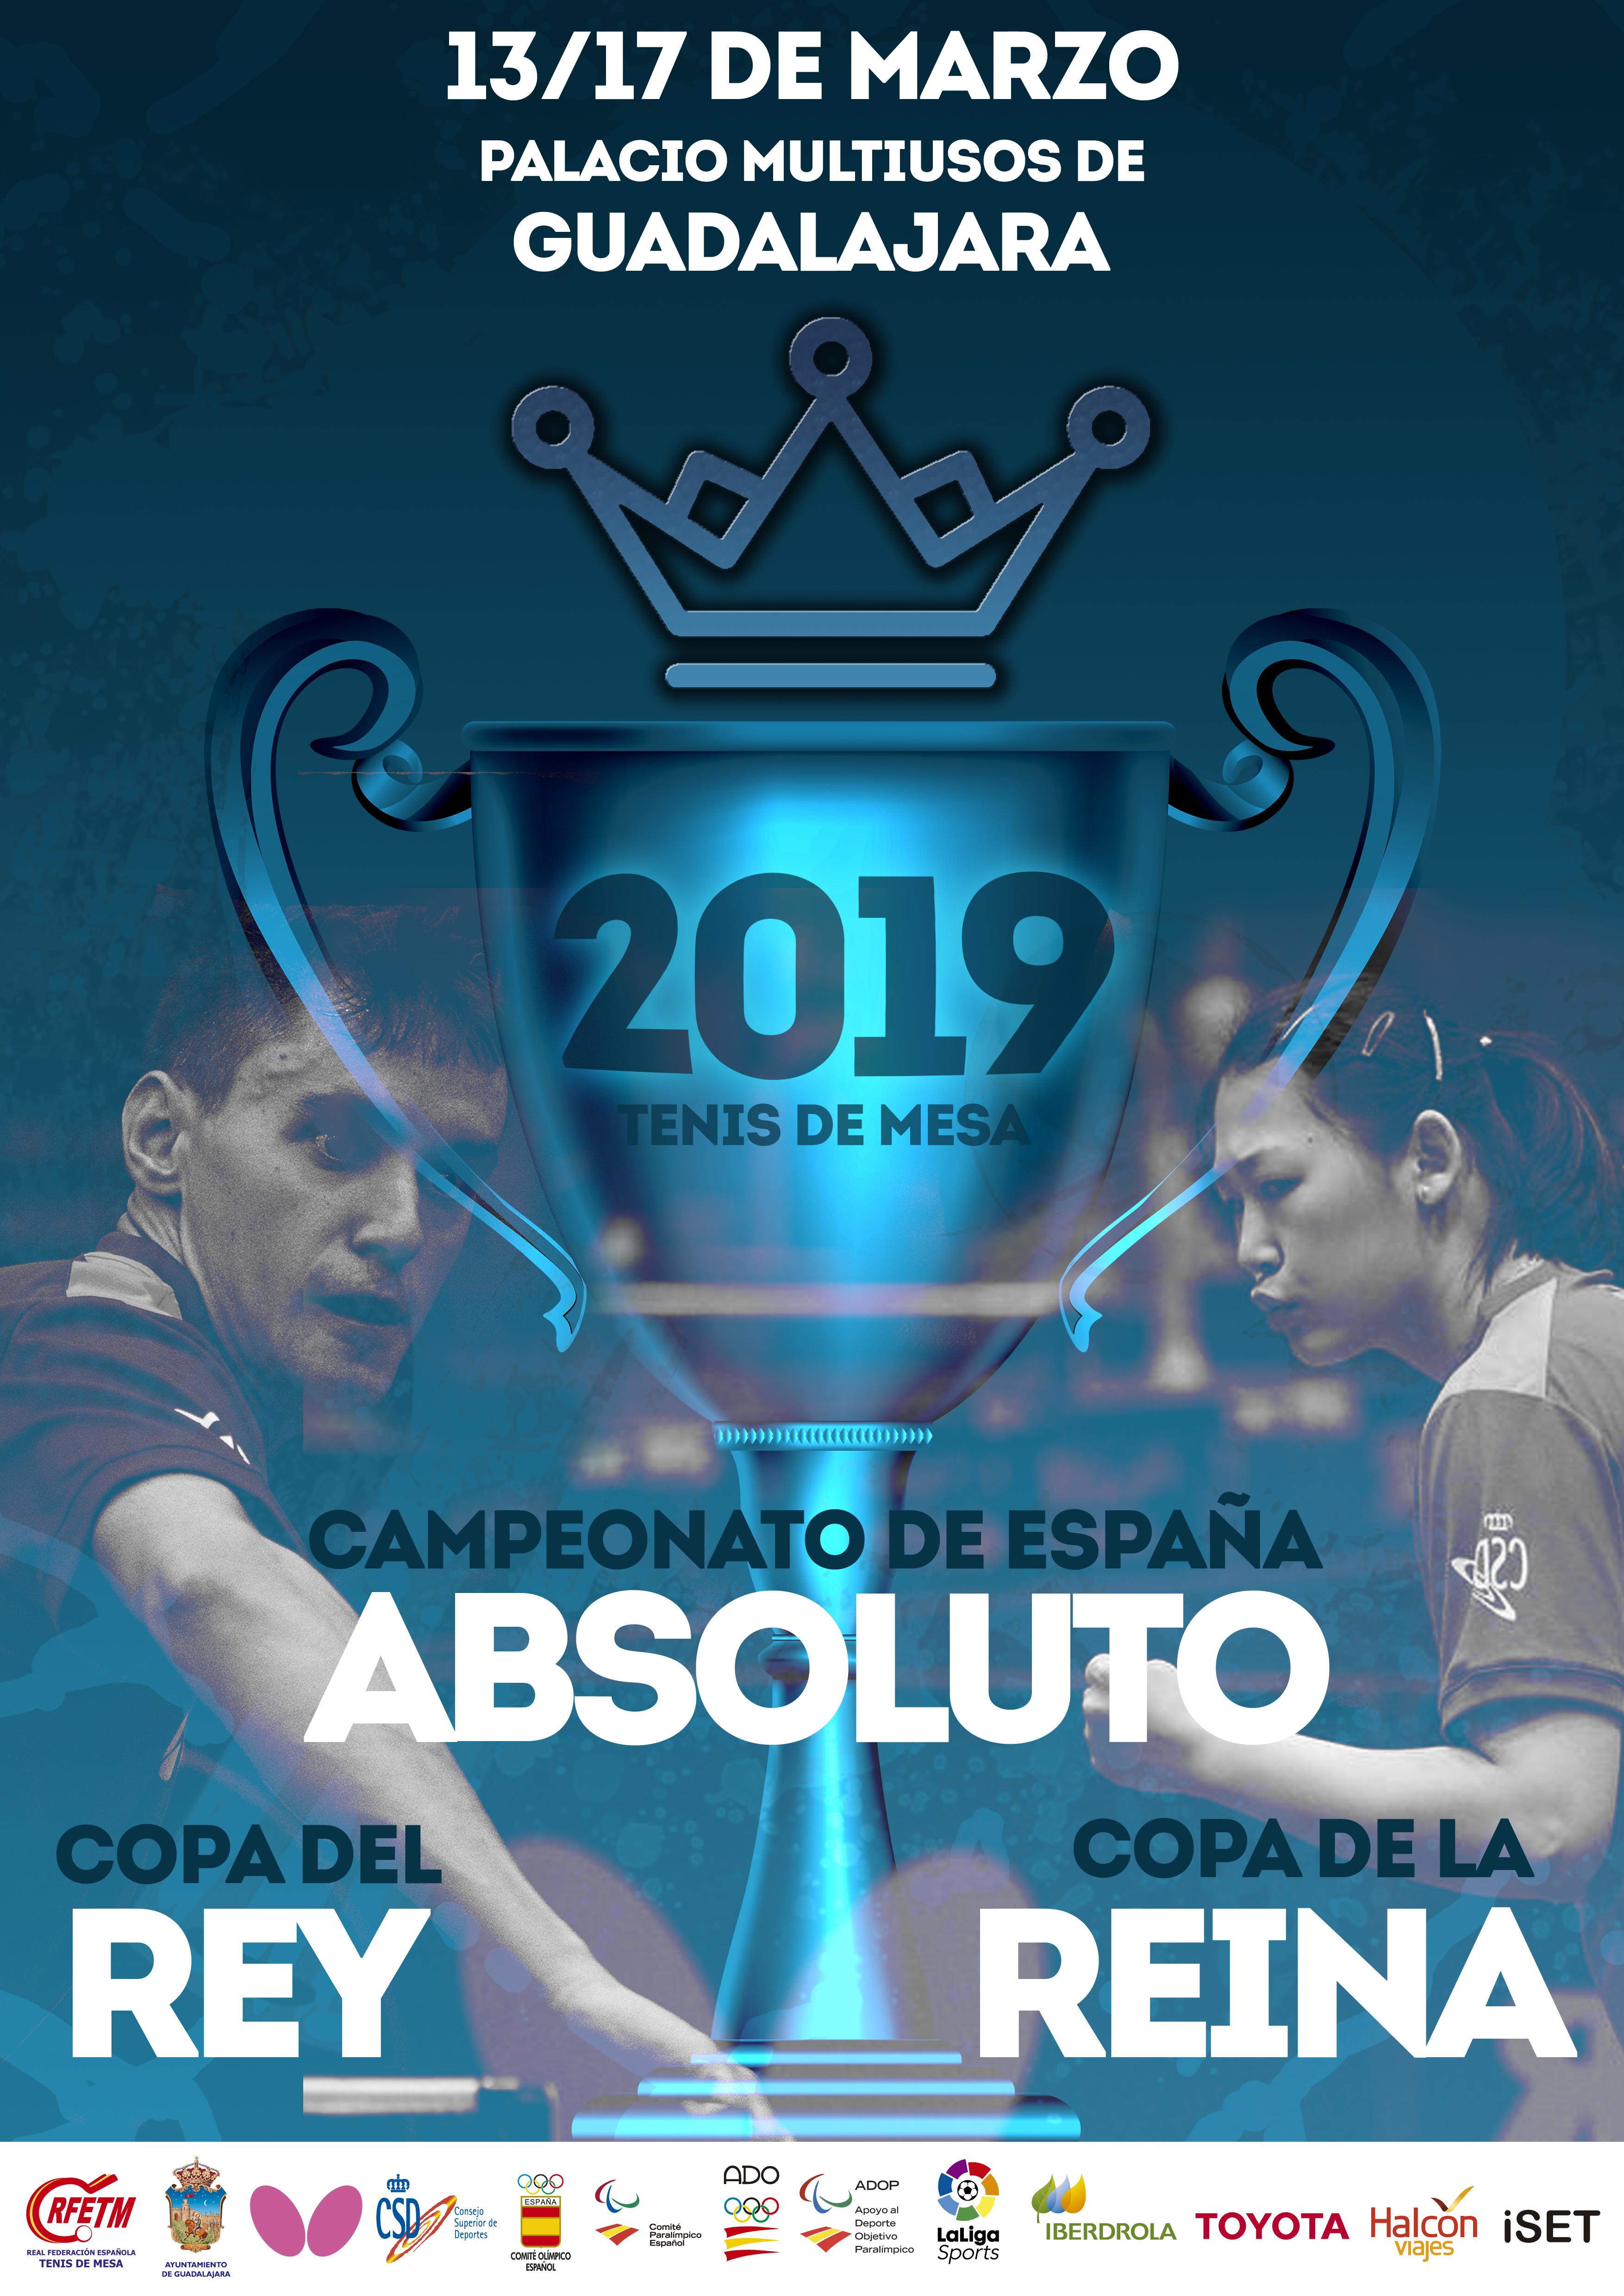 Mañana arranca en el Multiusos el Campeonato de España y   Copas de SSMM los Reyes 2019 de Tenis de Mesa